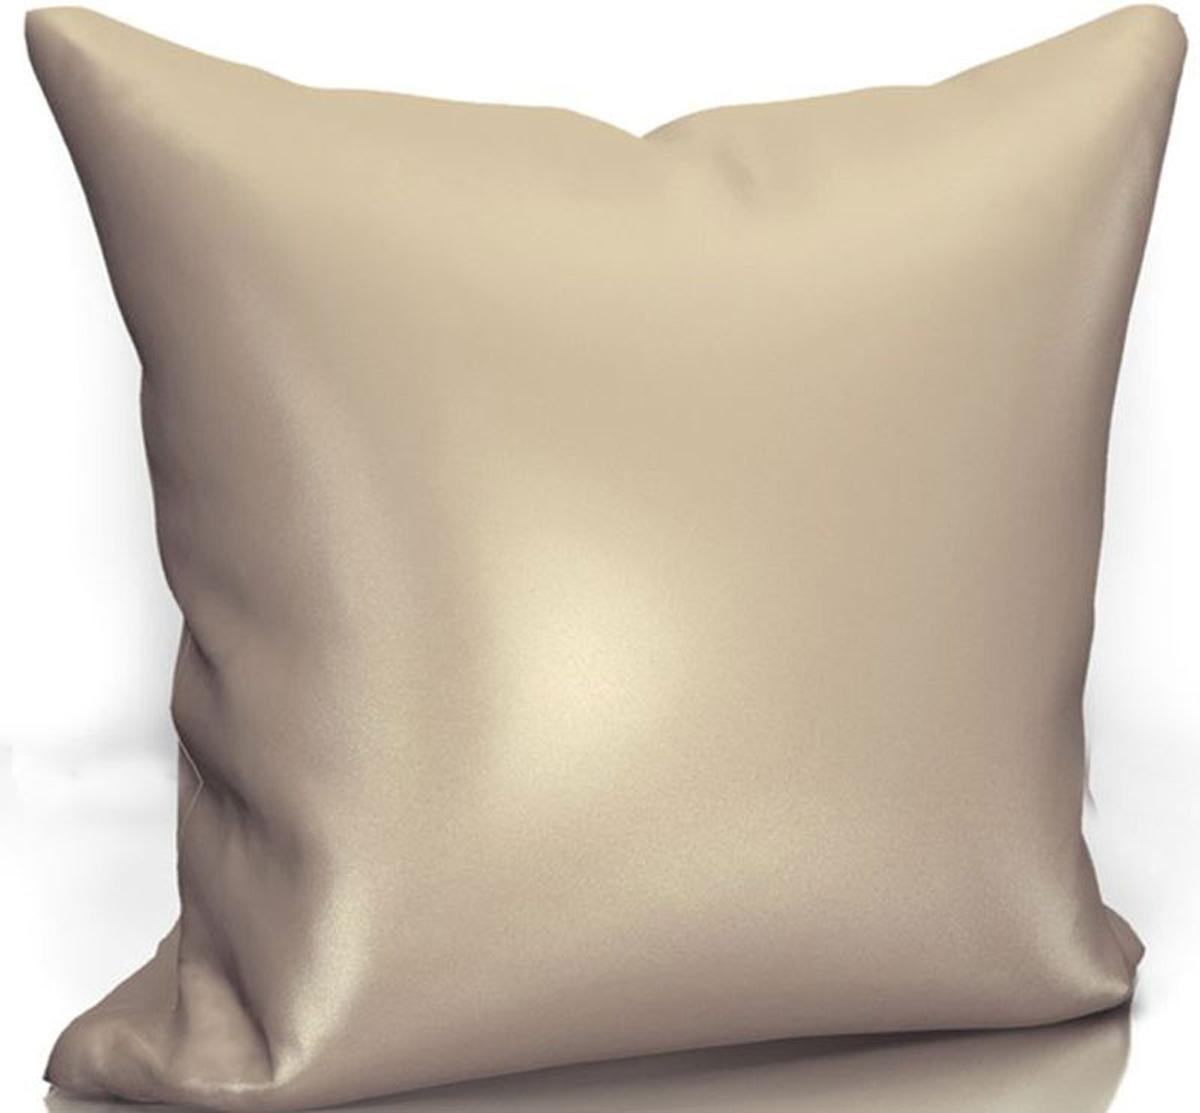 Подушка декоративная KauffOrt Эвелина, цвет: светло-коричневый, 40 х 40 см3122301667Декоративная подушка KauffOrt  прекрасно дополнит интерьер спальни или гостиной. Чехолподушки выполнен из сатена (100% полиэстер). Внутри находится мягкий наполнитель.Чехол легко снимаетсяблагодаря потайной молнии.